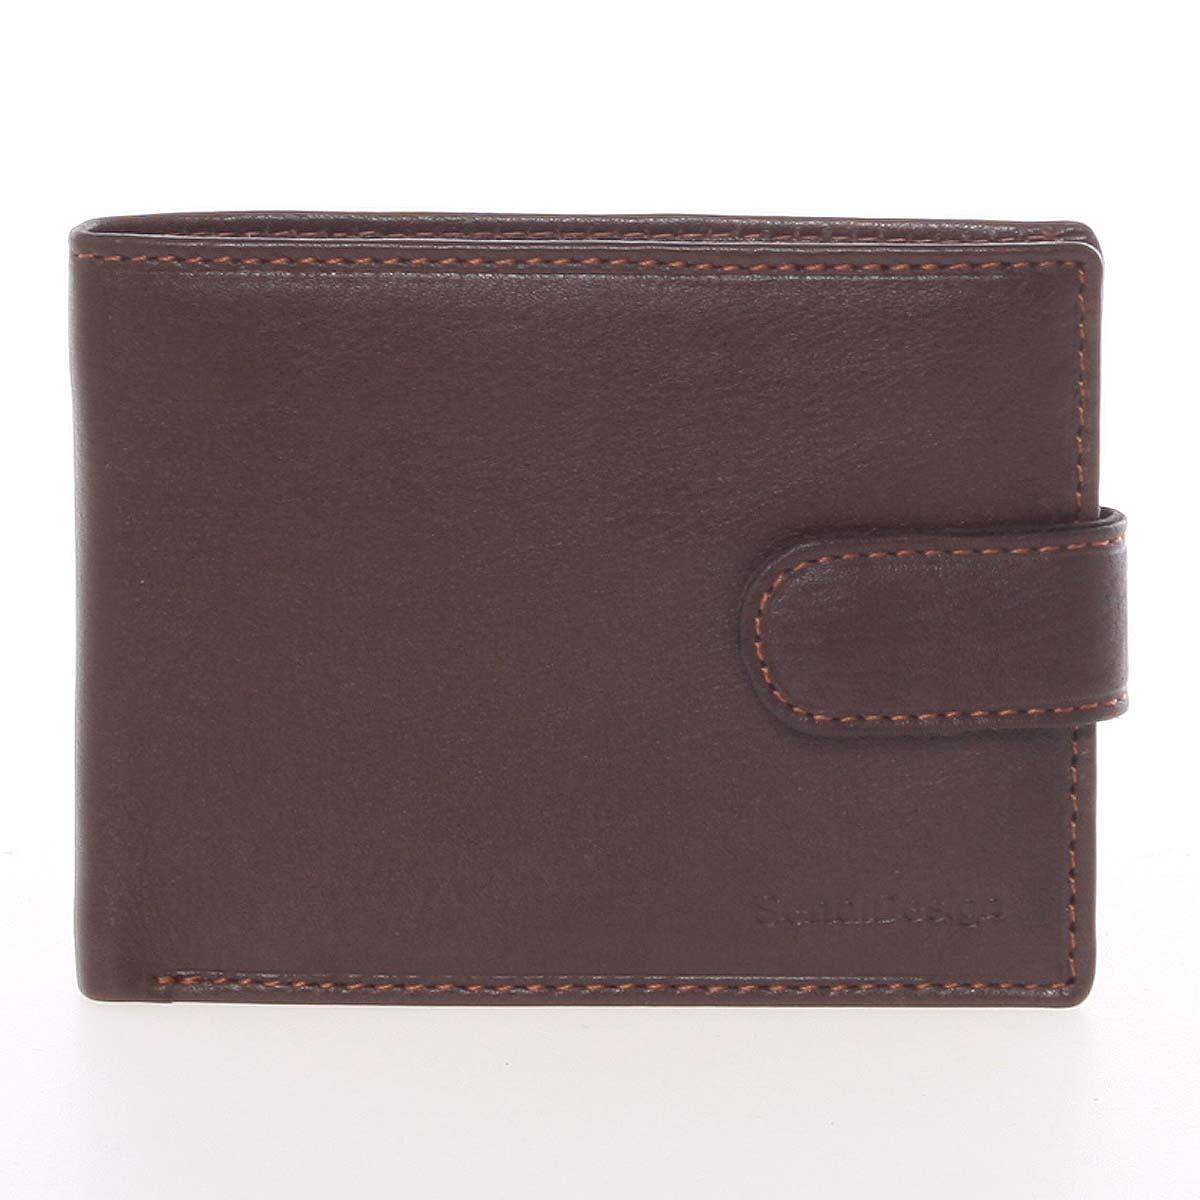 Pánská hnědá kožená peněženka se zápinkou - SendiDesign Prejem